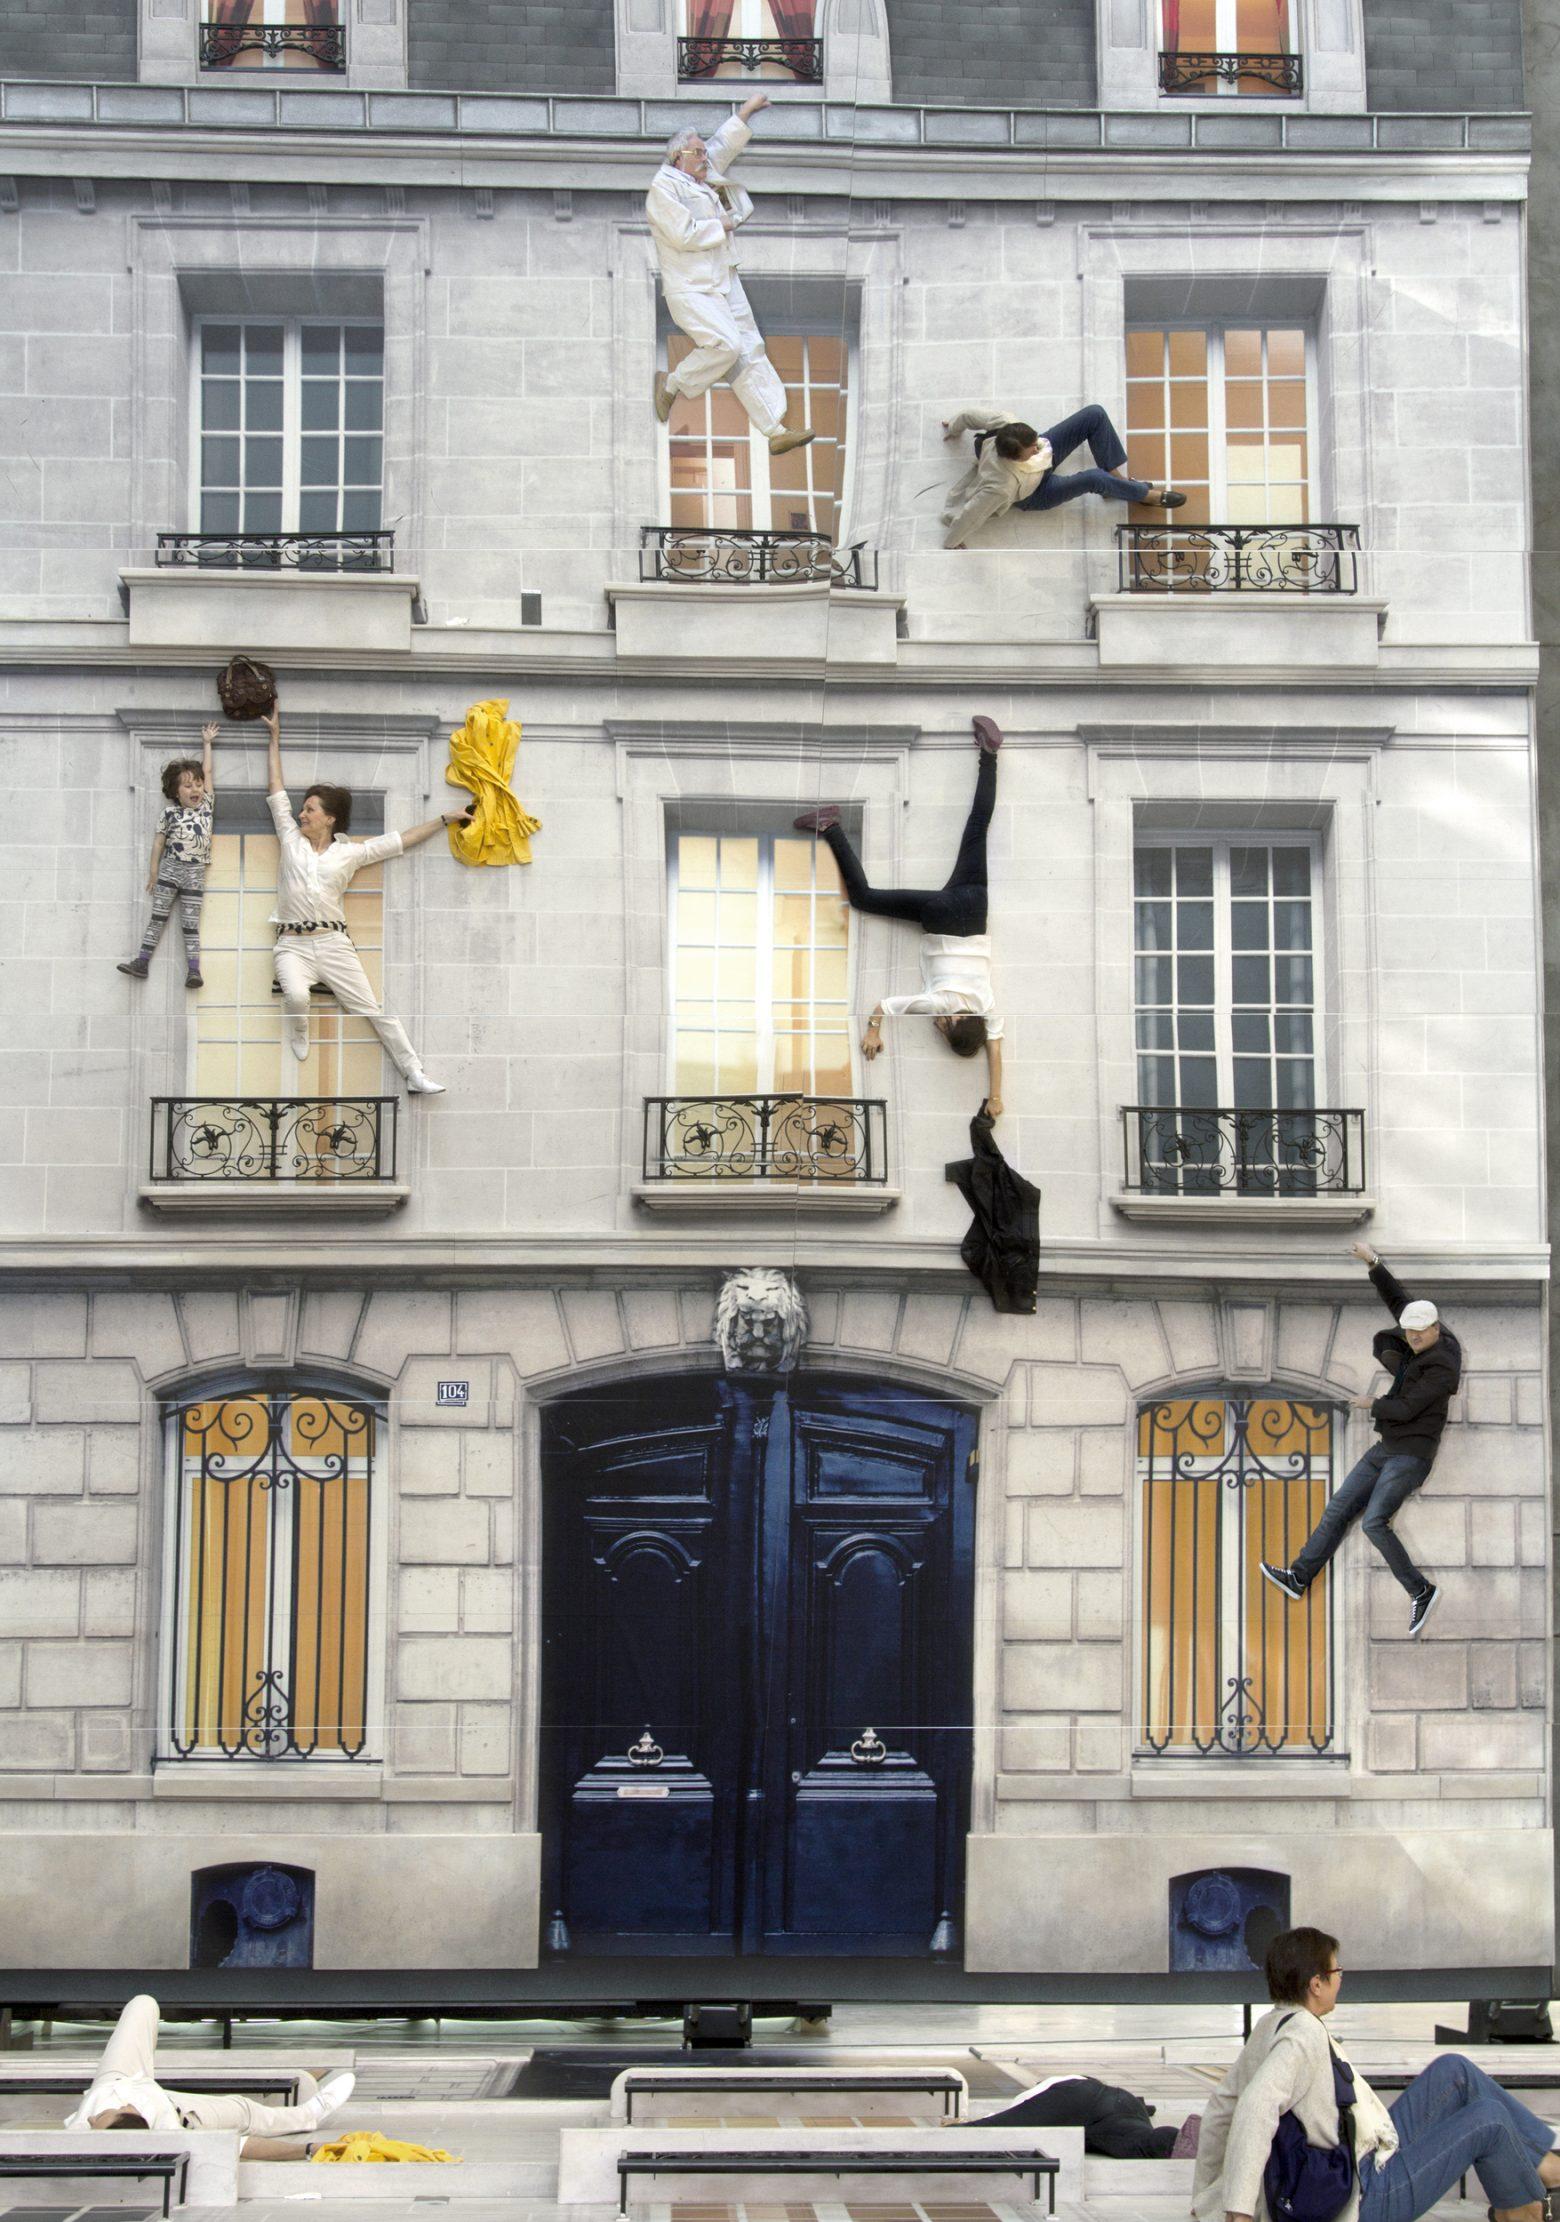 instalacion Bâtiment, concebida en 2004 para el festival parisino Nuit Blanche